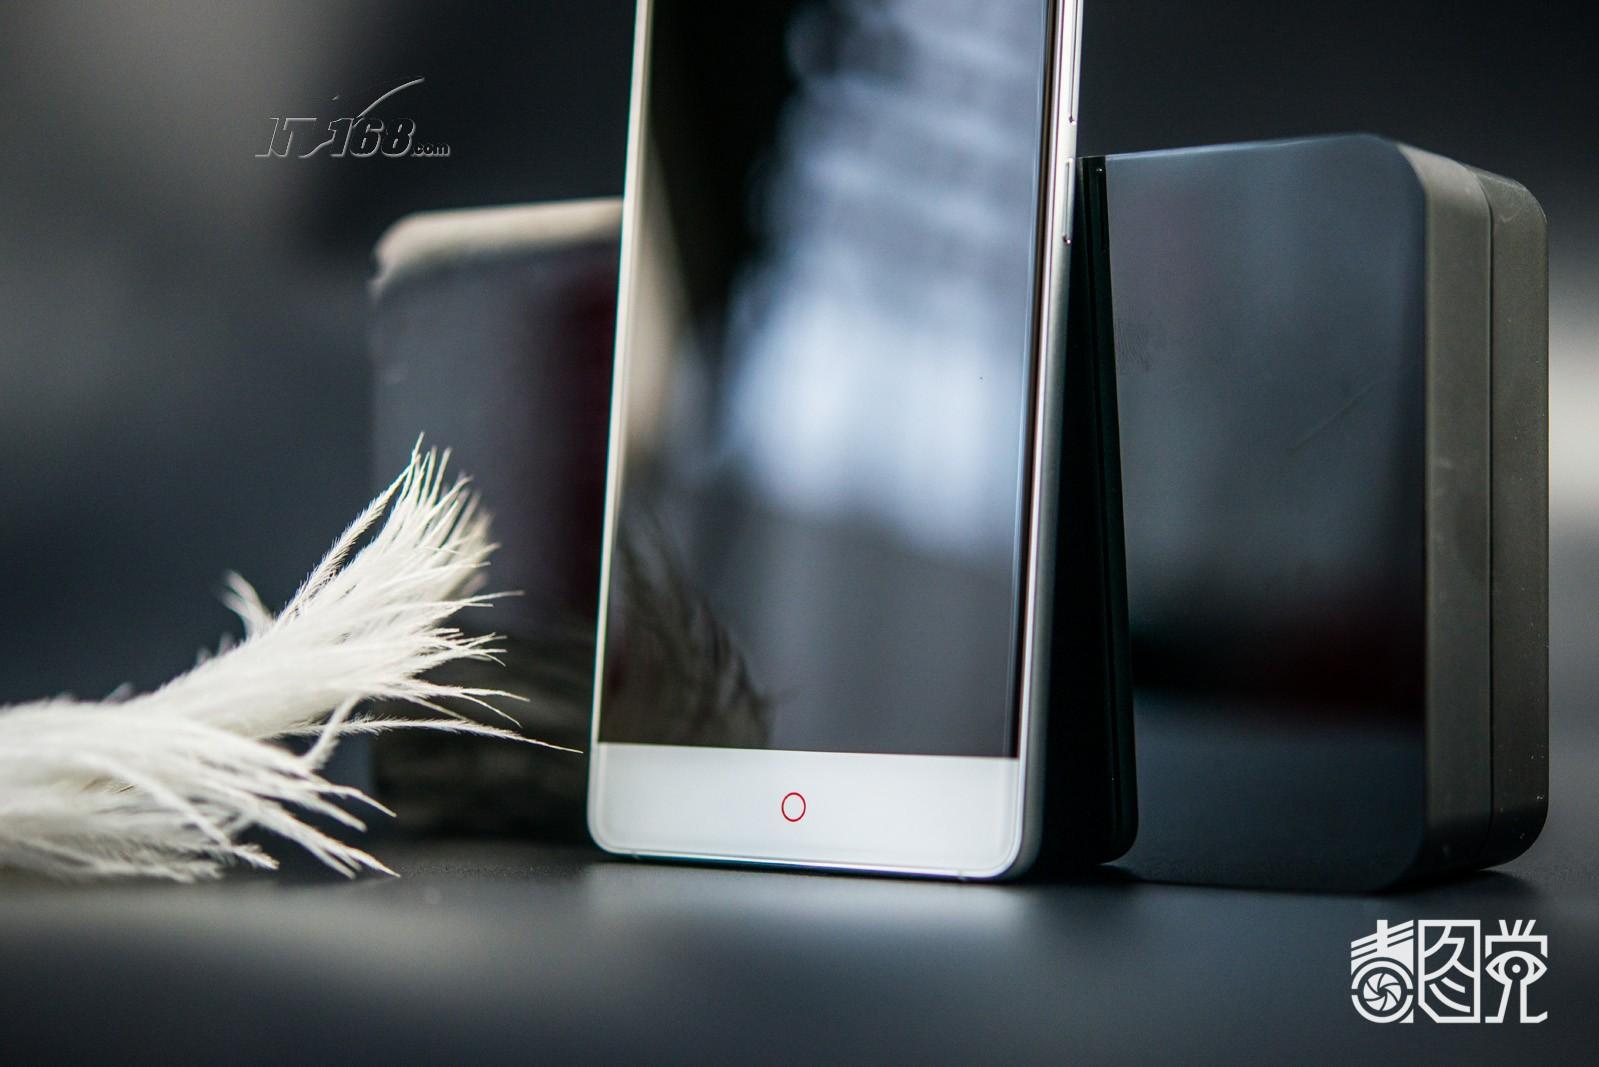 努比亚z11 标准版 旭日金场景图片14素材-it168手机